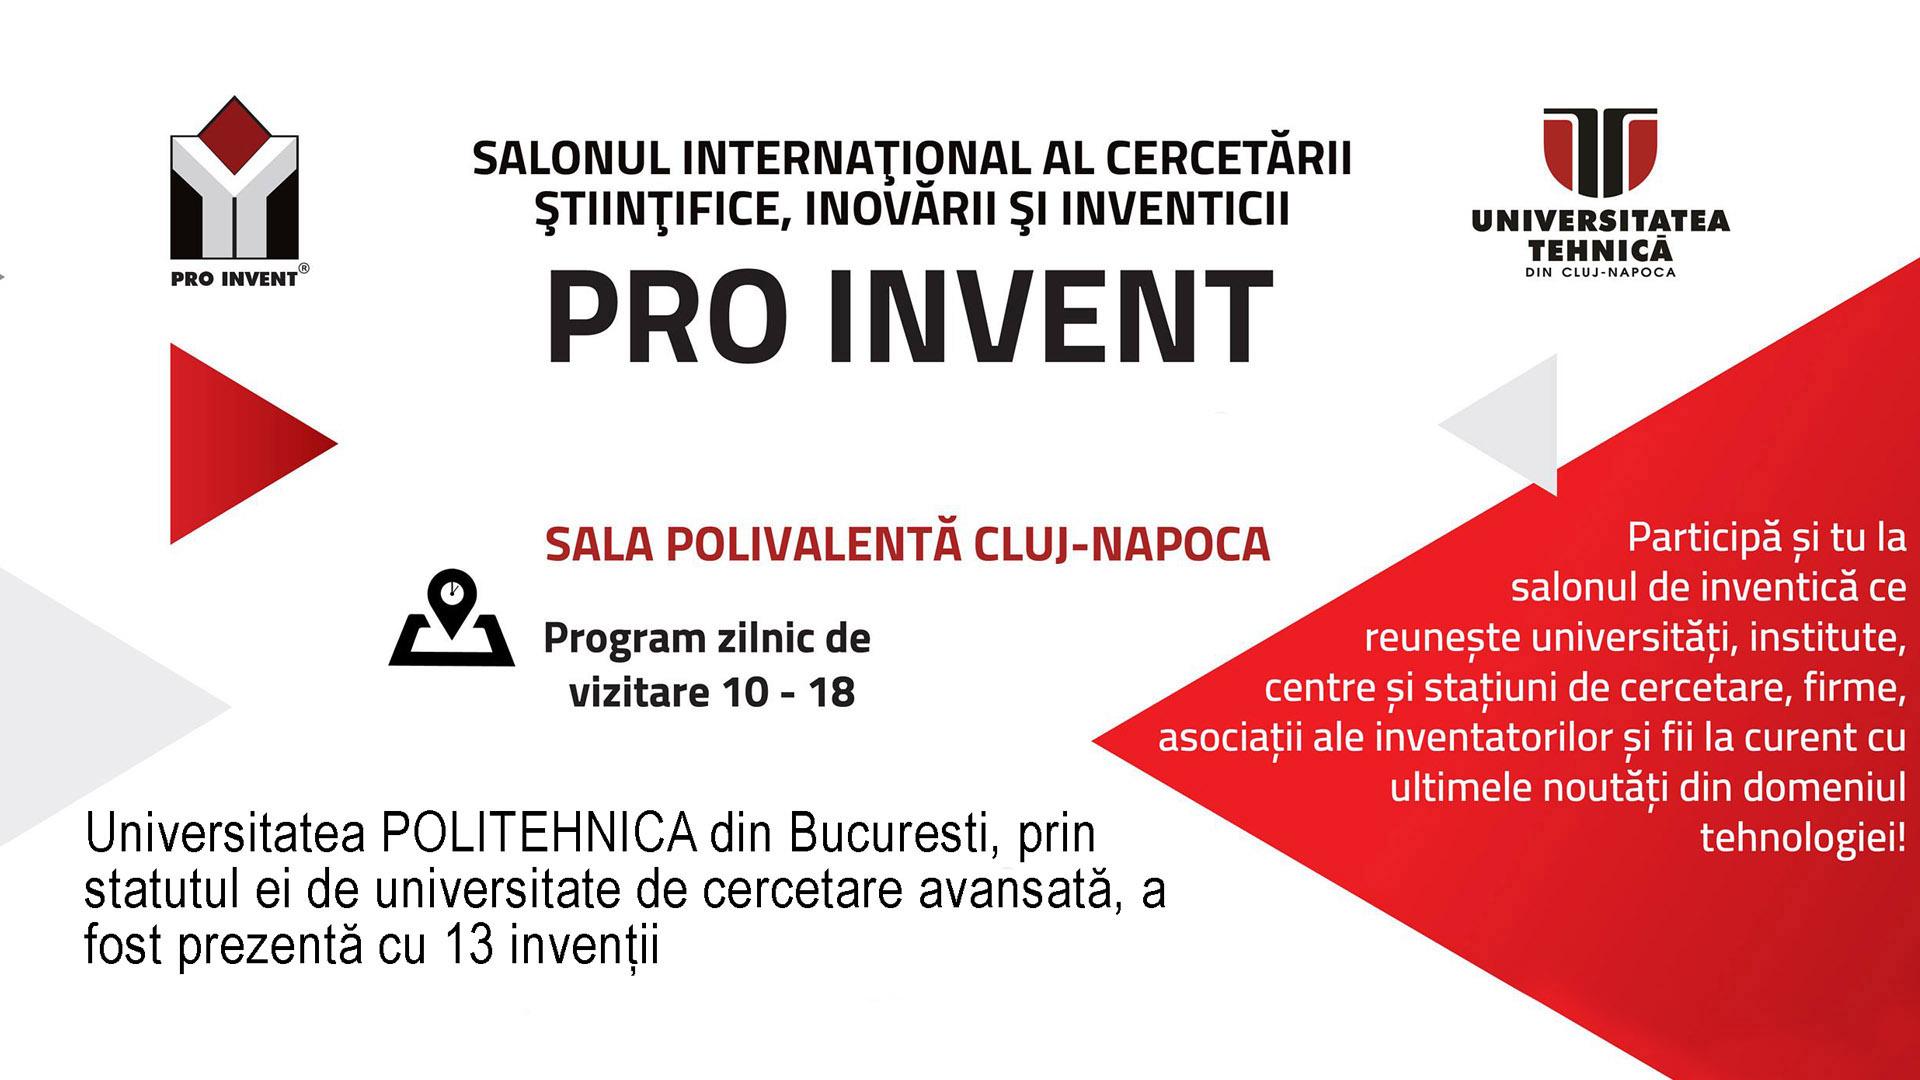 Universitatea POLITEHNICA din Bucuresti a fost prezentă cu 13 invenții la PRO INVENT